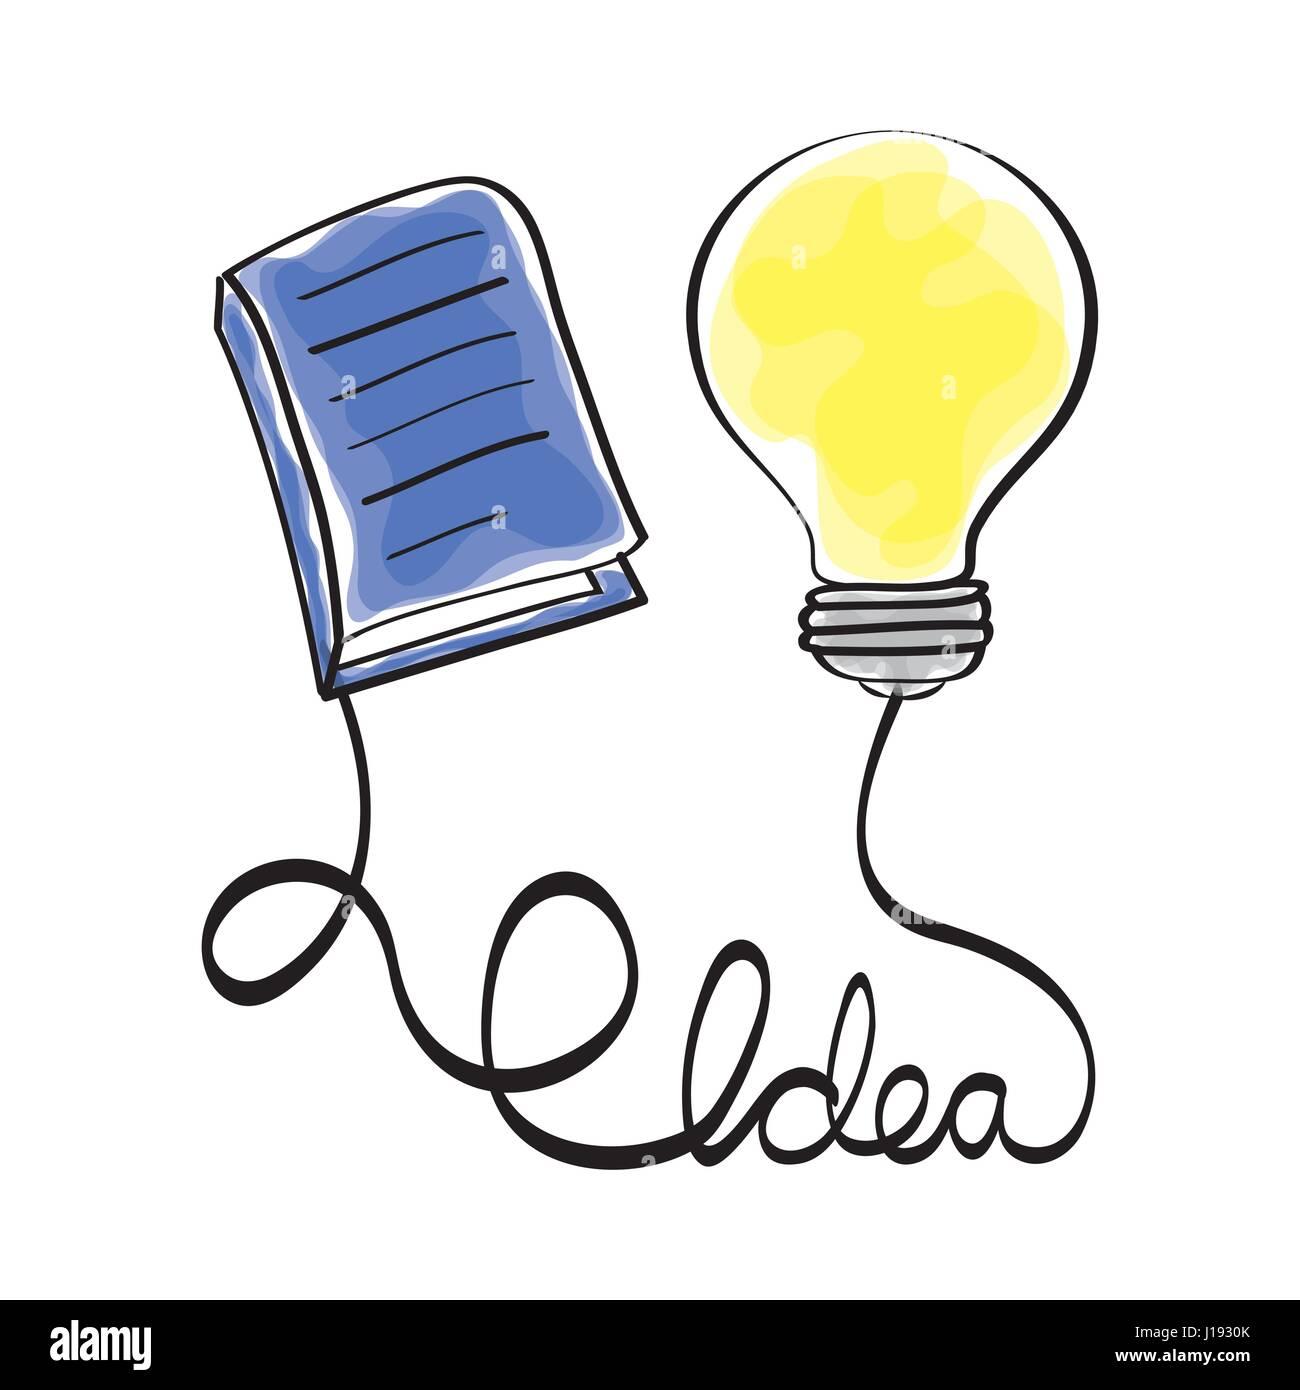 Idea Design. Disegna icona. Sfondo bianco , vettore Immagini Stock